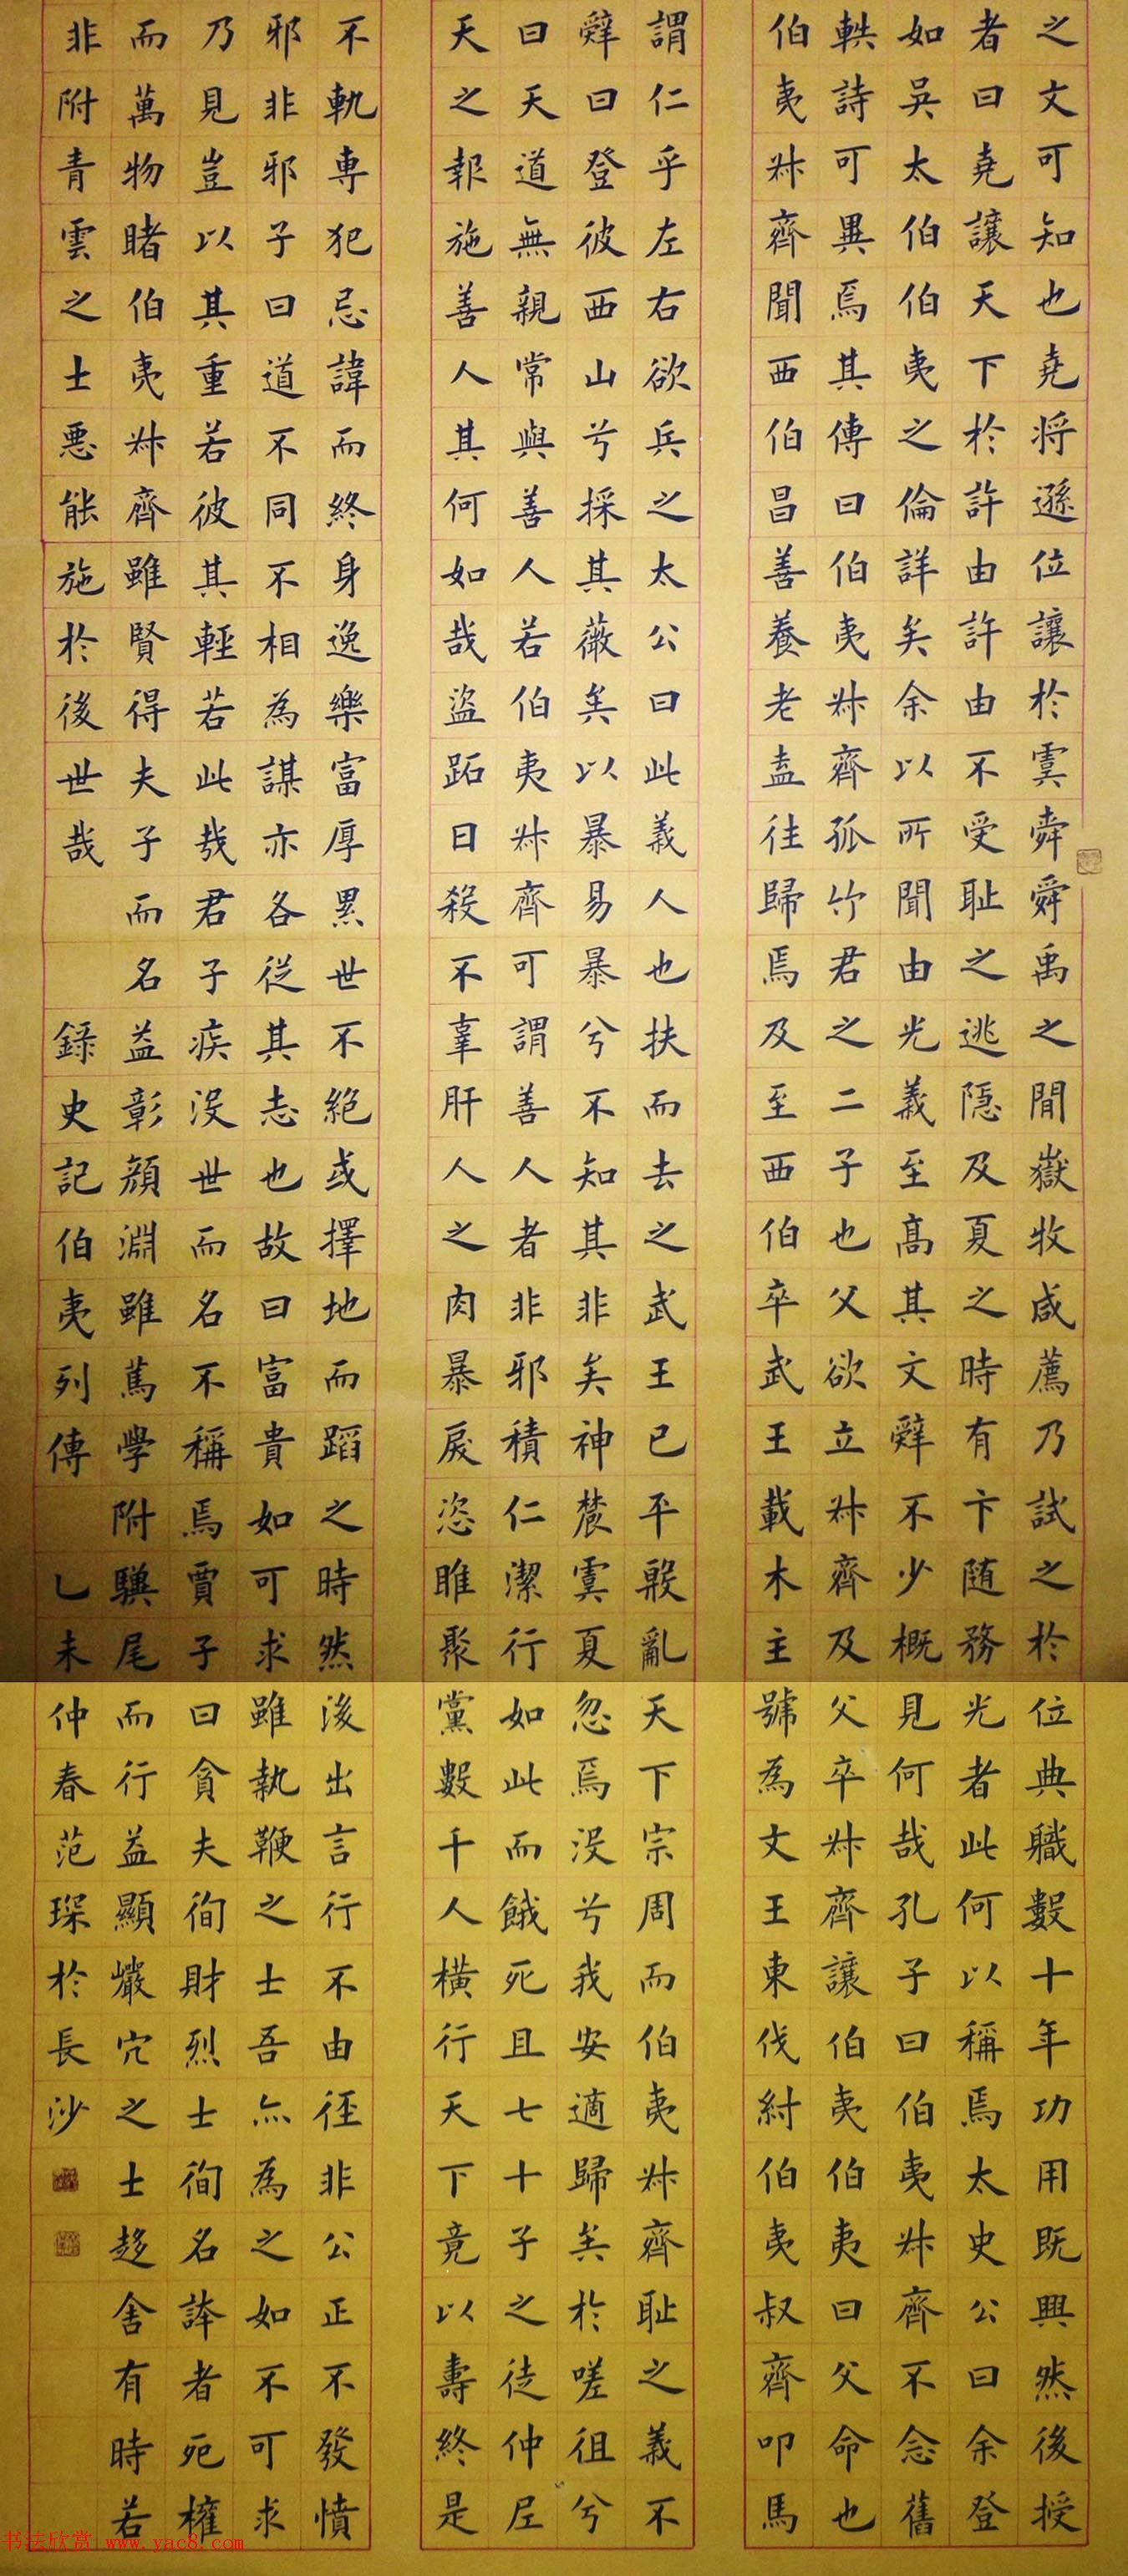 范琛毛笔楷书书法作品9幅 第6页 毛笔书法 书法欣赏